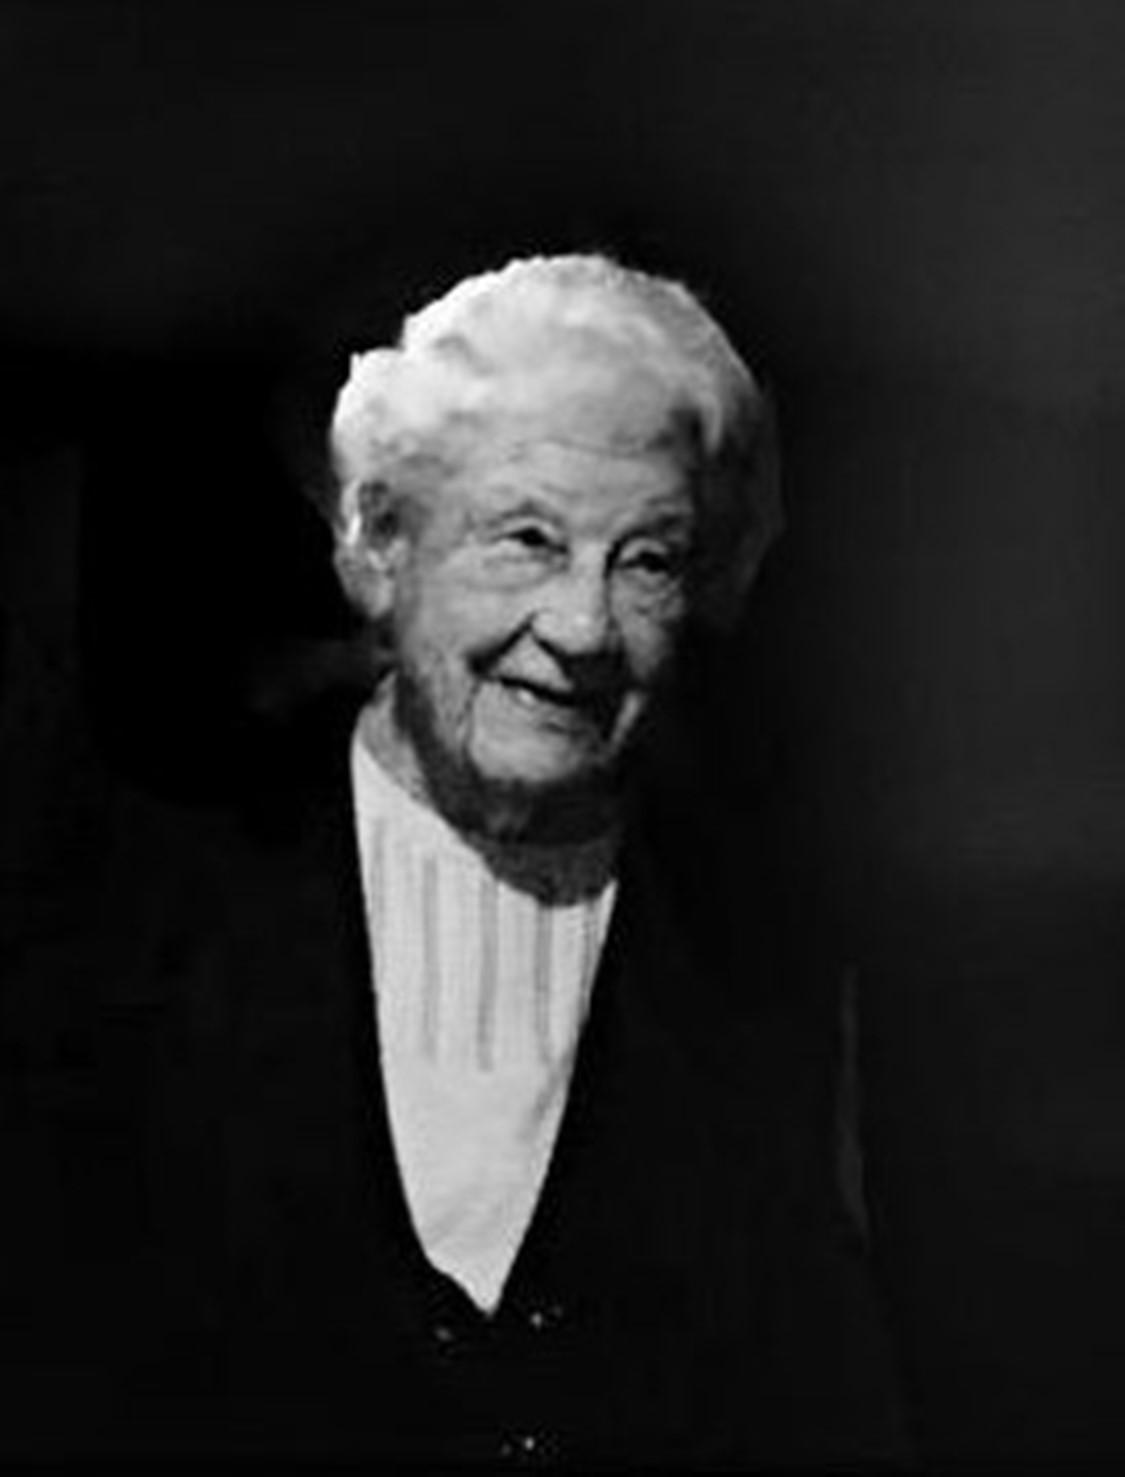 Hilda Schmitt